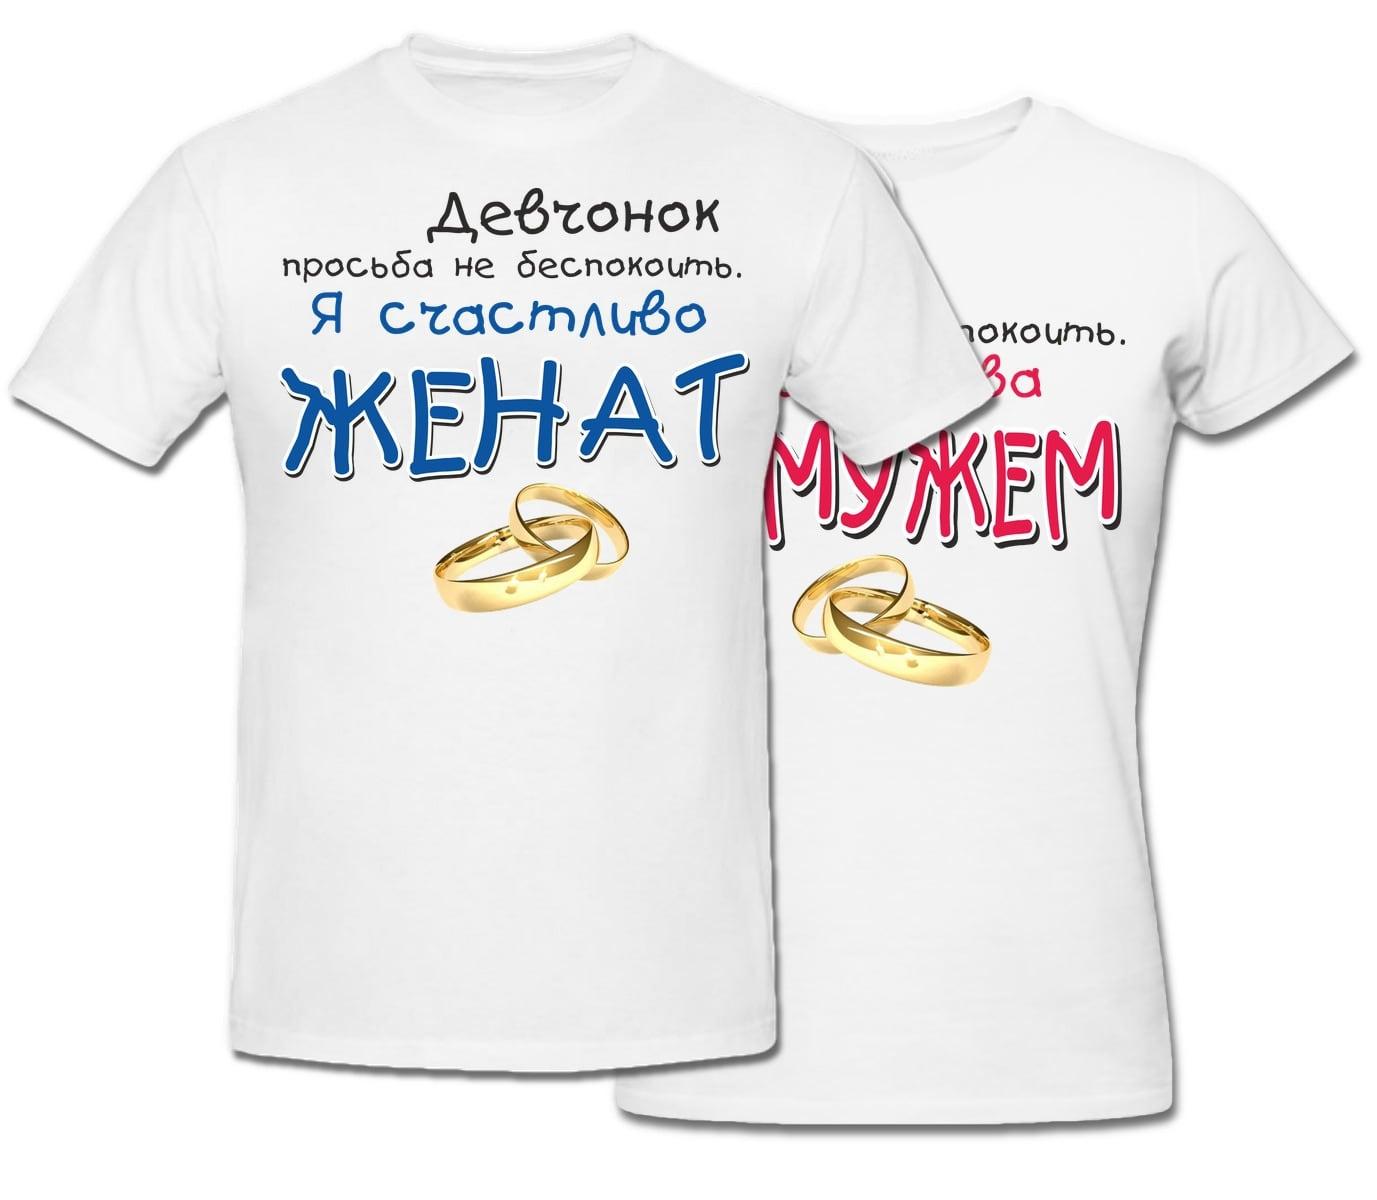 Комплект прикольных парных футболок *Девчонок и Мальчишек просьба не беспокоить*